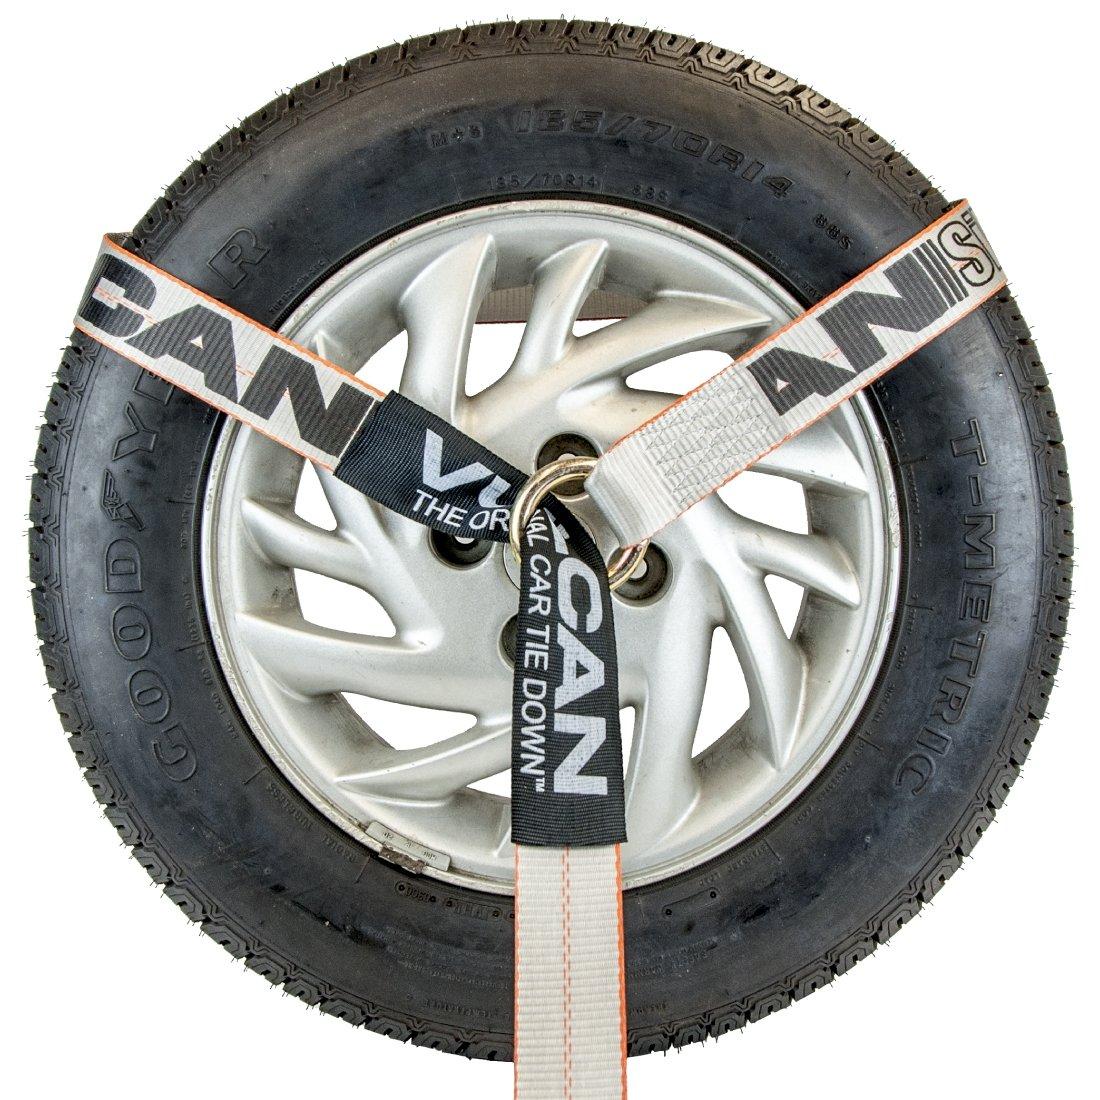 Vulcan Silver 96 Lasso Auto Tie Down w//Flat Hooks 4 Pack 3300 lbs SWL